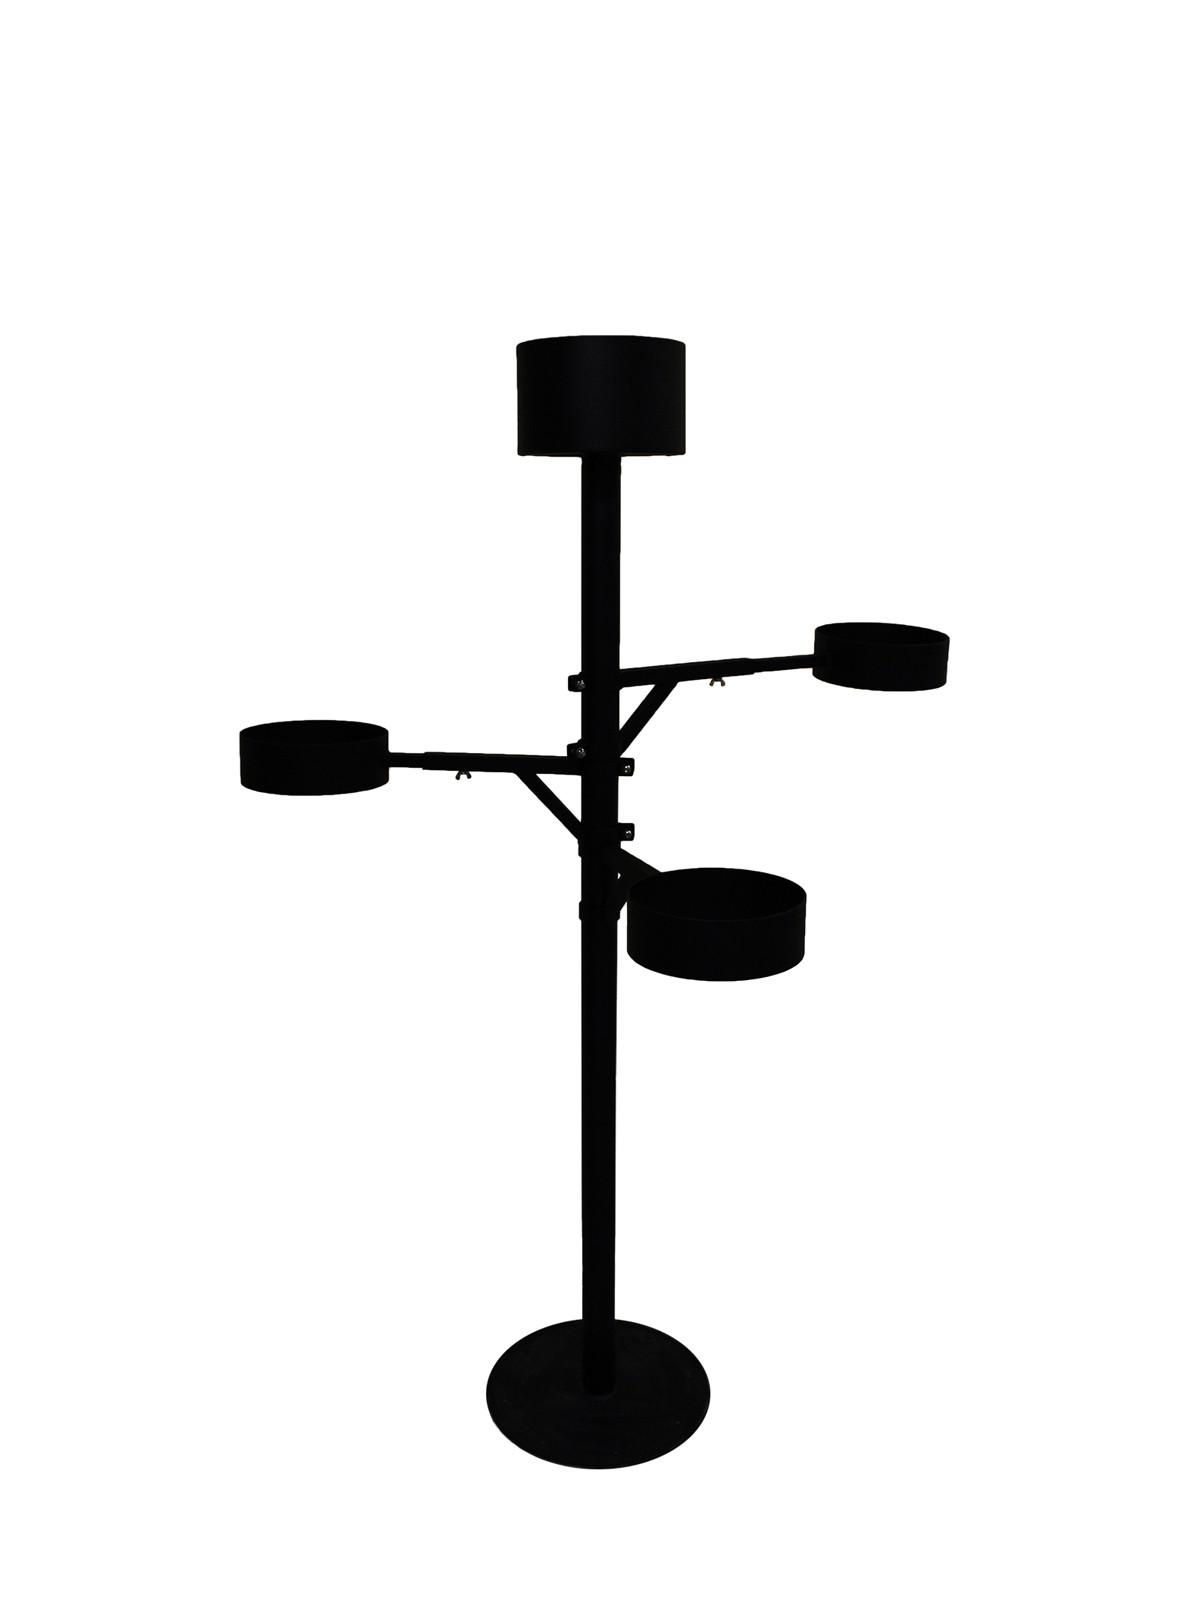 Komplekt, ampli post 200cm + 3 reguleeritavat käppa